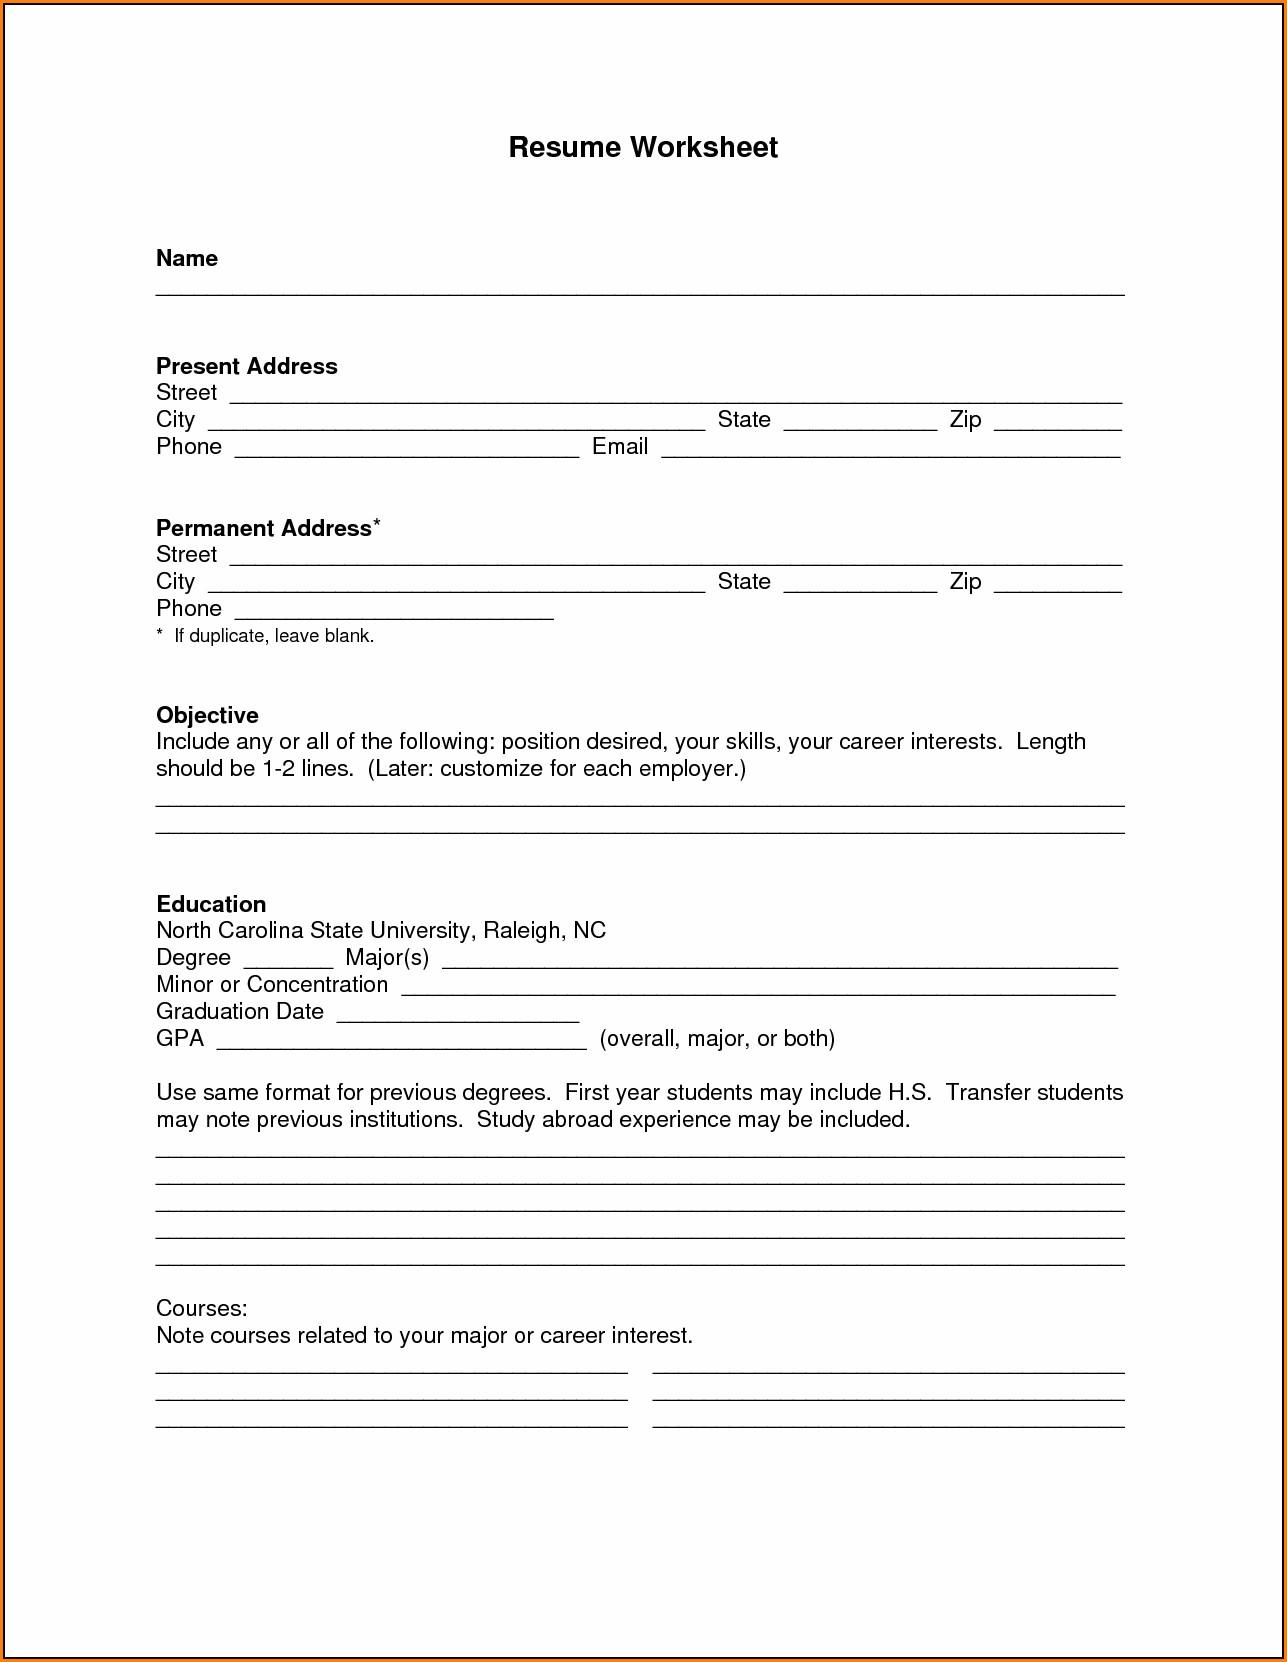 Blank Resume Template Word